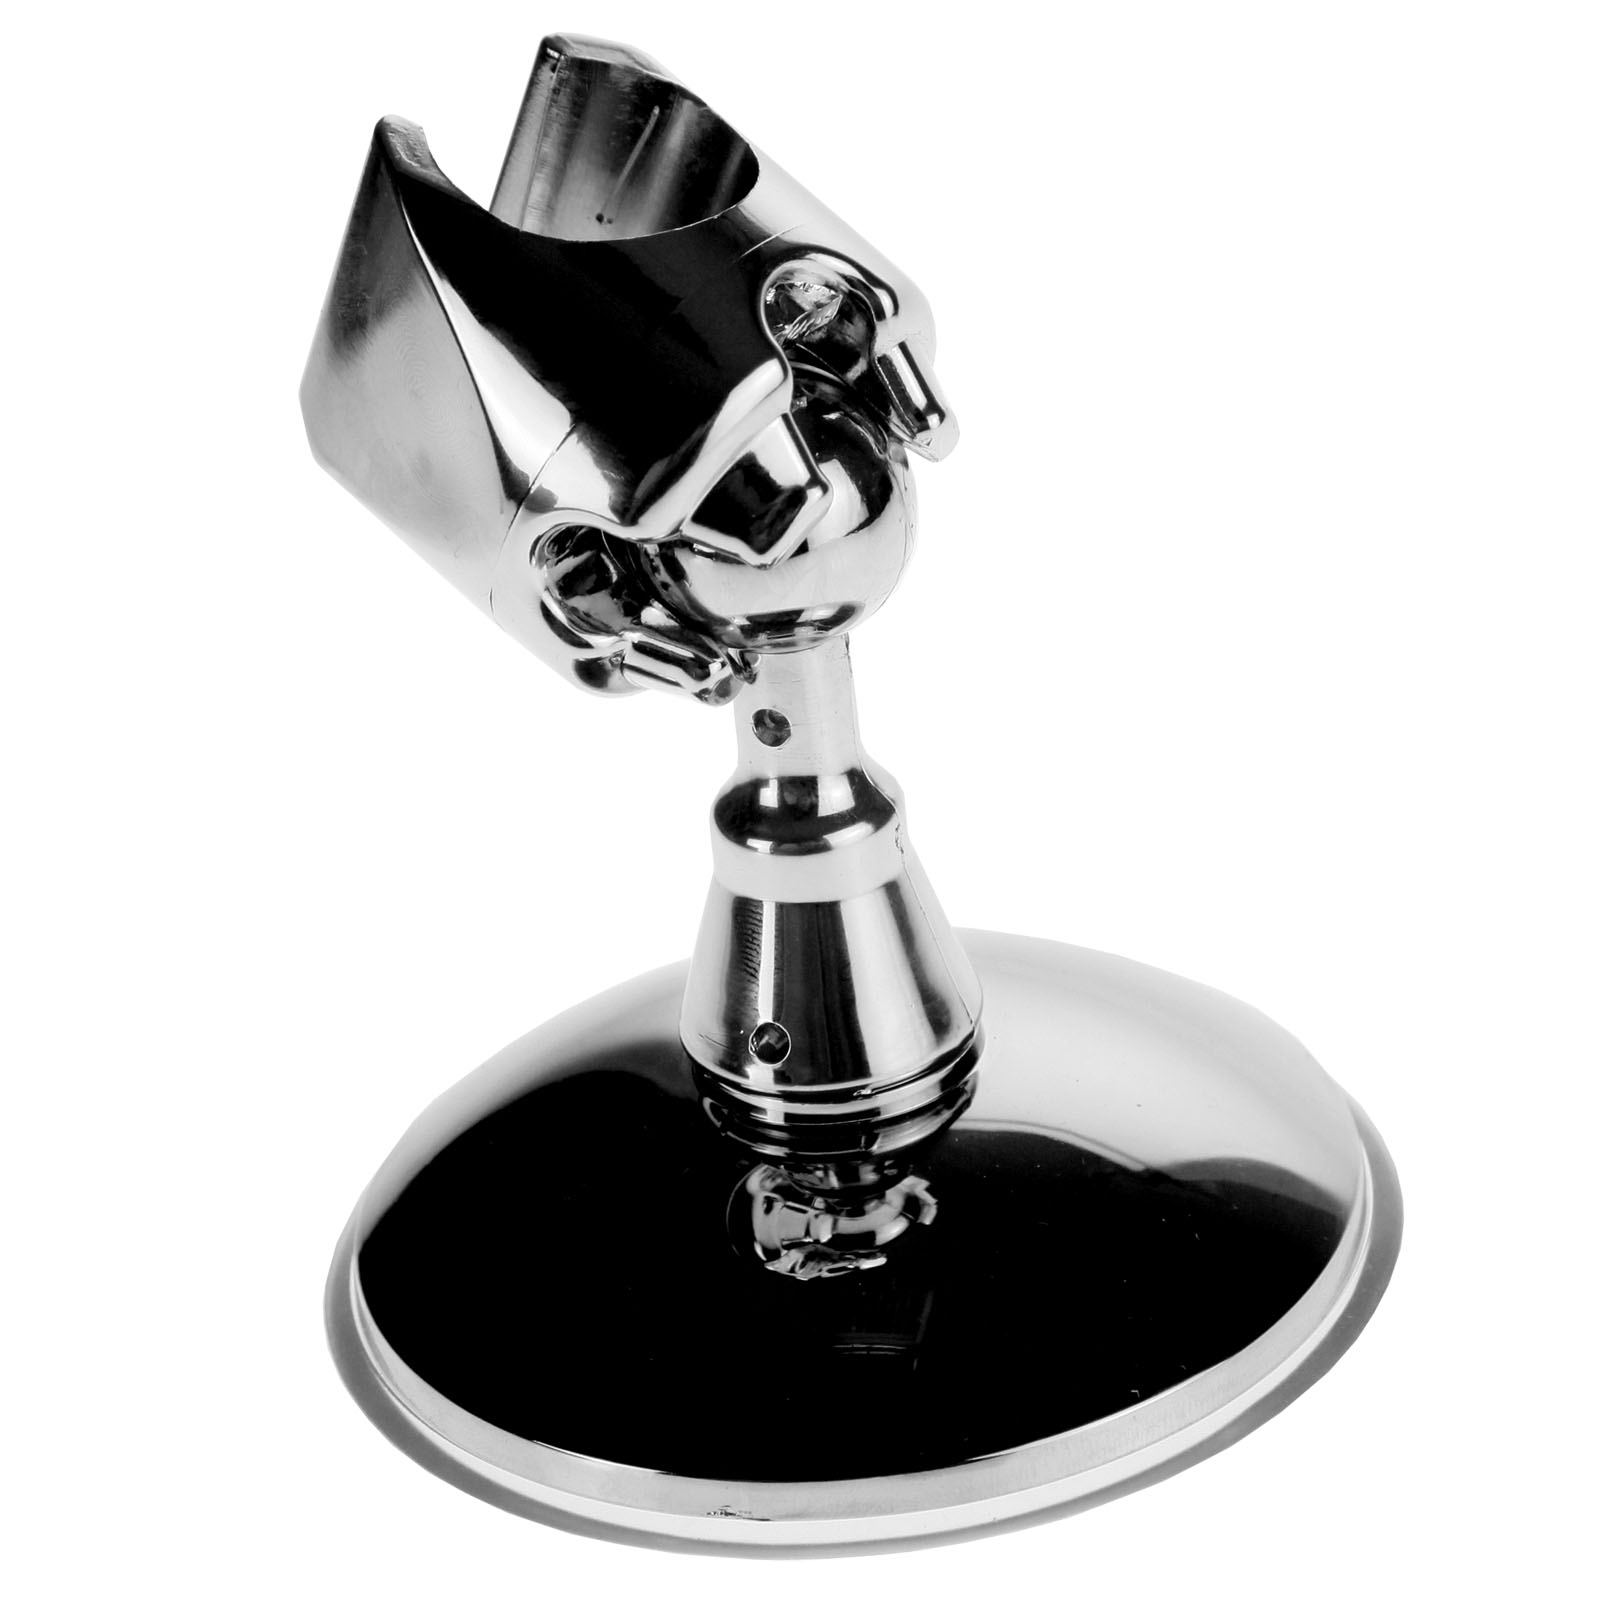 Bracket Adjustable Shower Head Holder Suction Adjustable. Item Specifics .